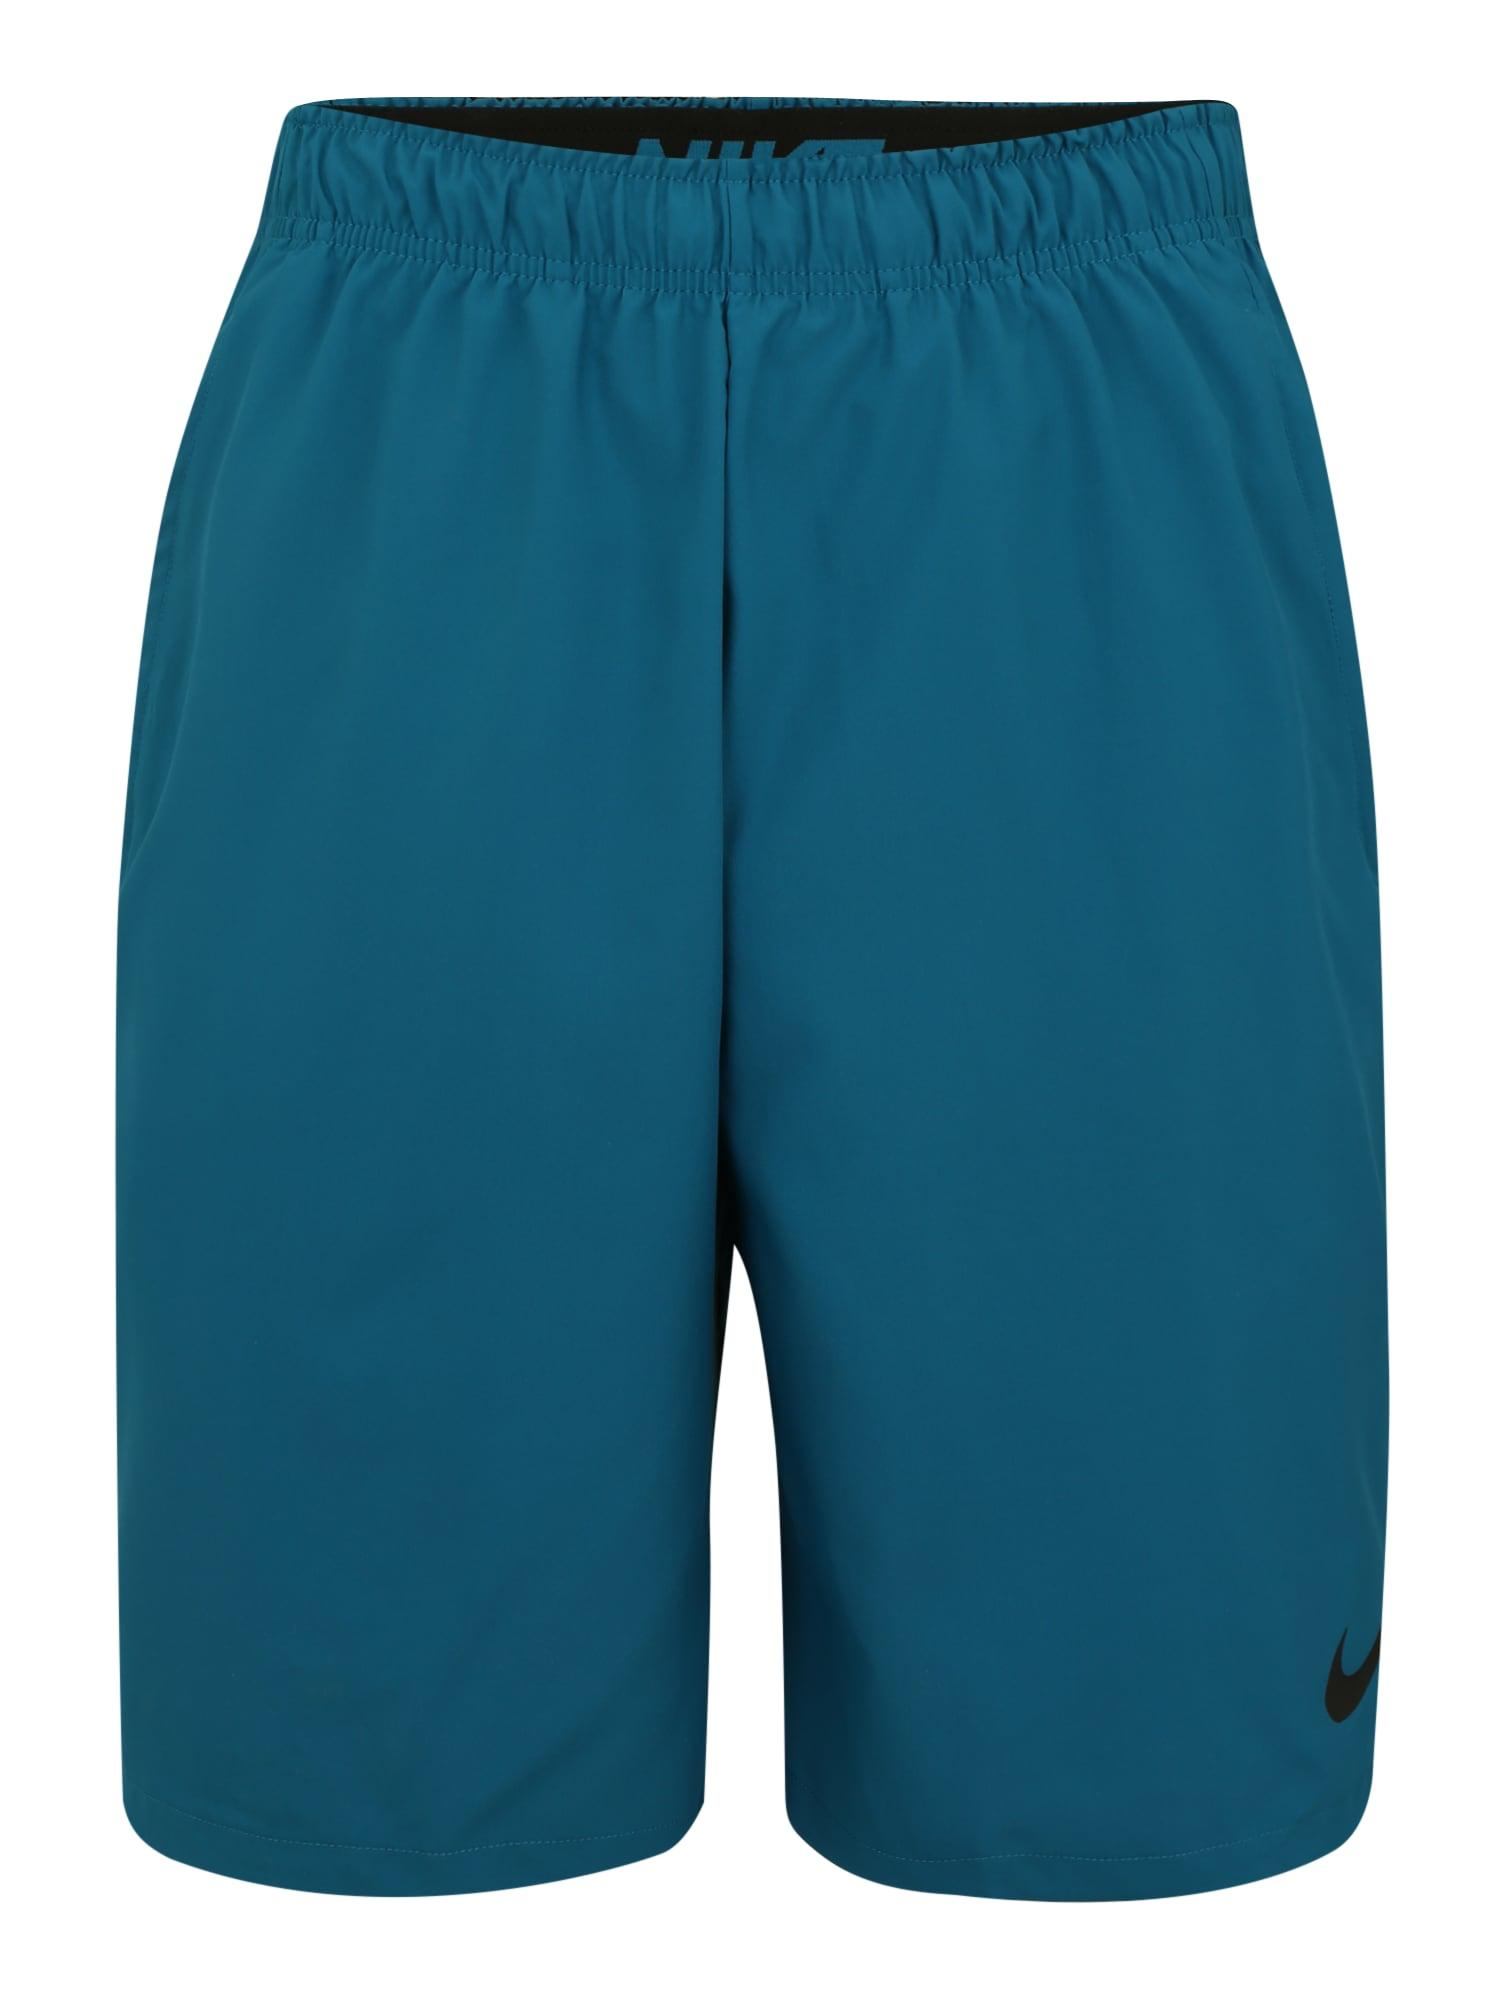 Sportovní kalhoty Flex nebeská modř černá NIKE